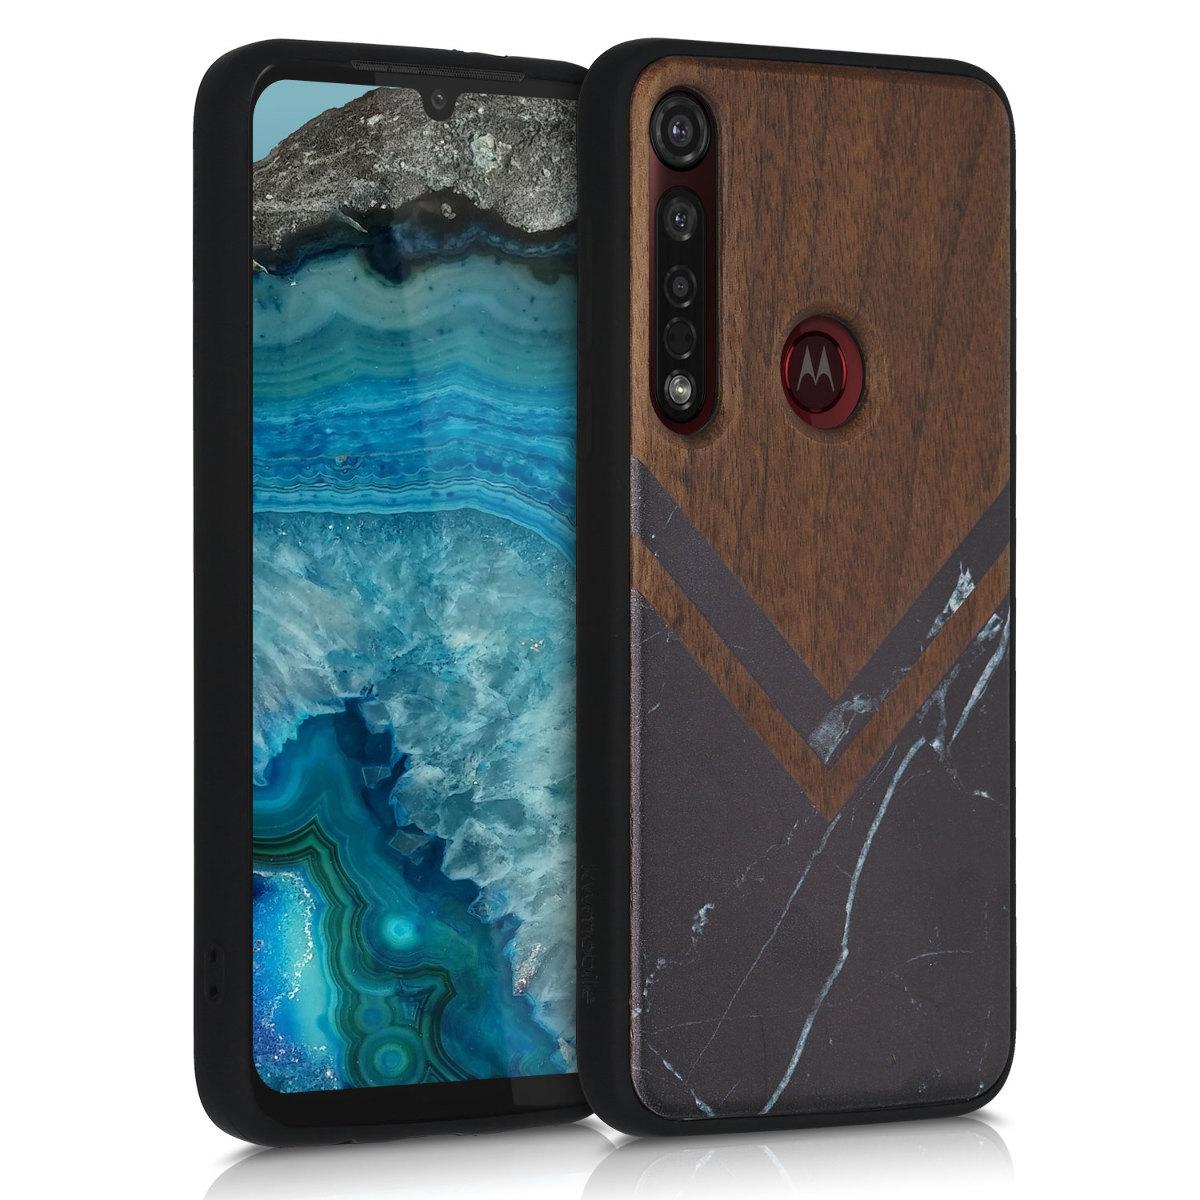 Dřevěné pouzdro | obal pro Motorola Moto G8 Plus - Dřevo a mramor Černá / Bílá / Tmavě hnědá